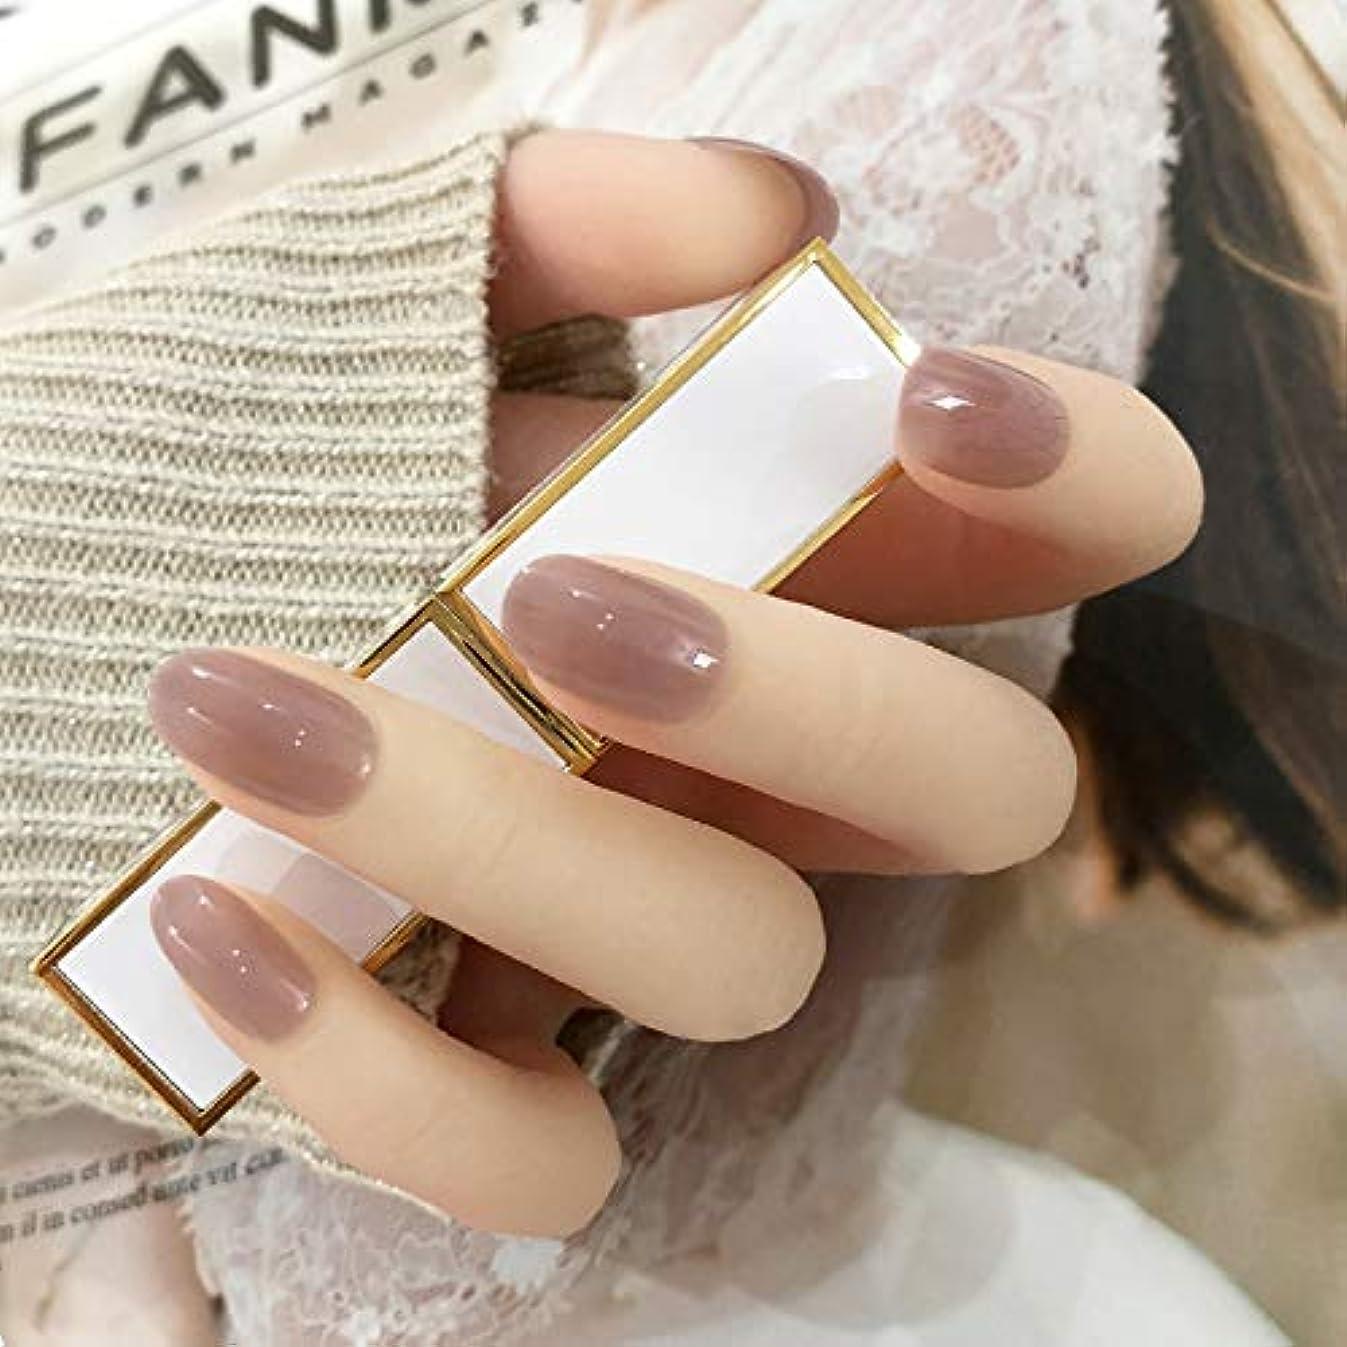 カスタム同行するくそー24枚純色付け爪 ネイル貼るだけネイルチップ お花嫁付け爪 (グレーピンク)